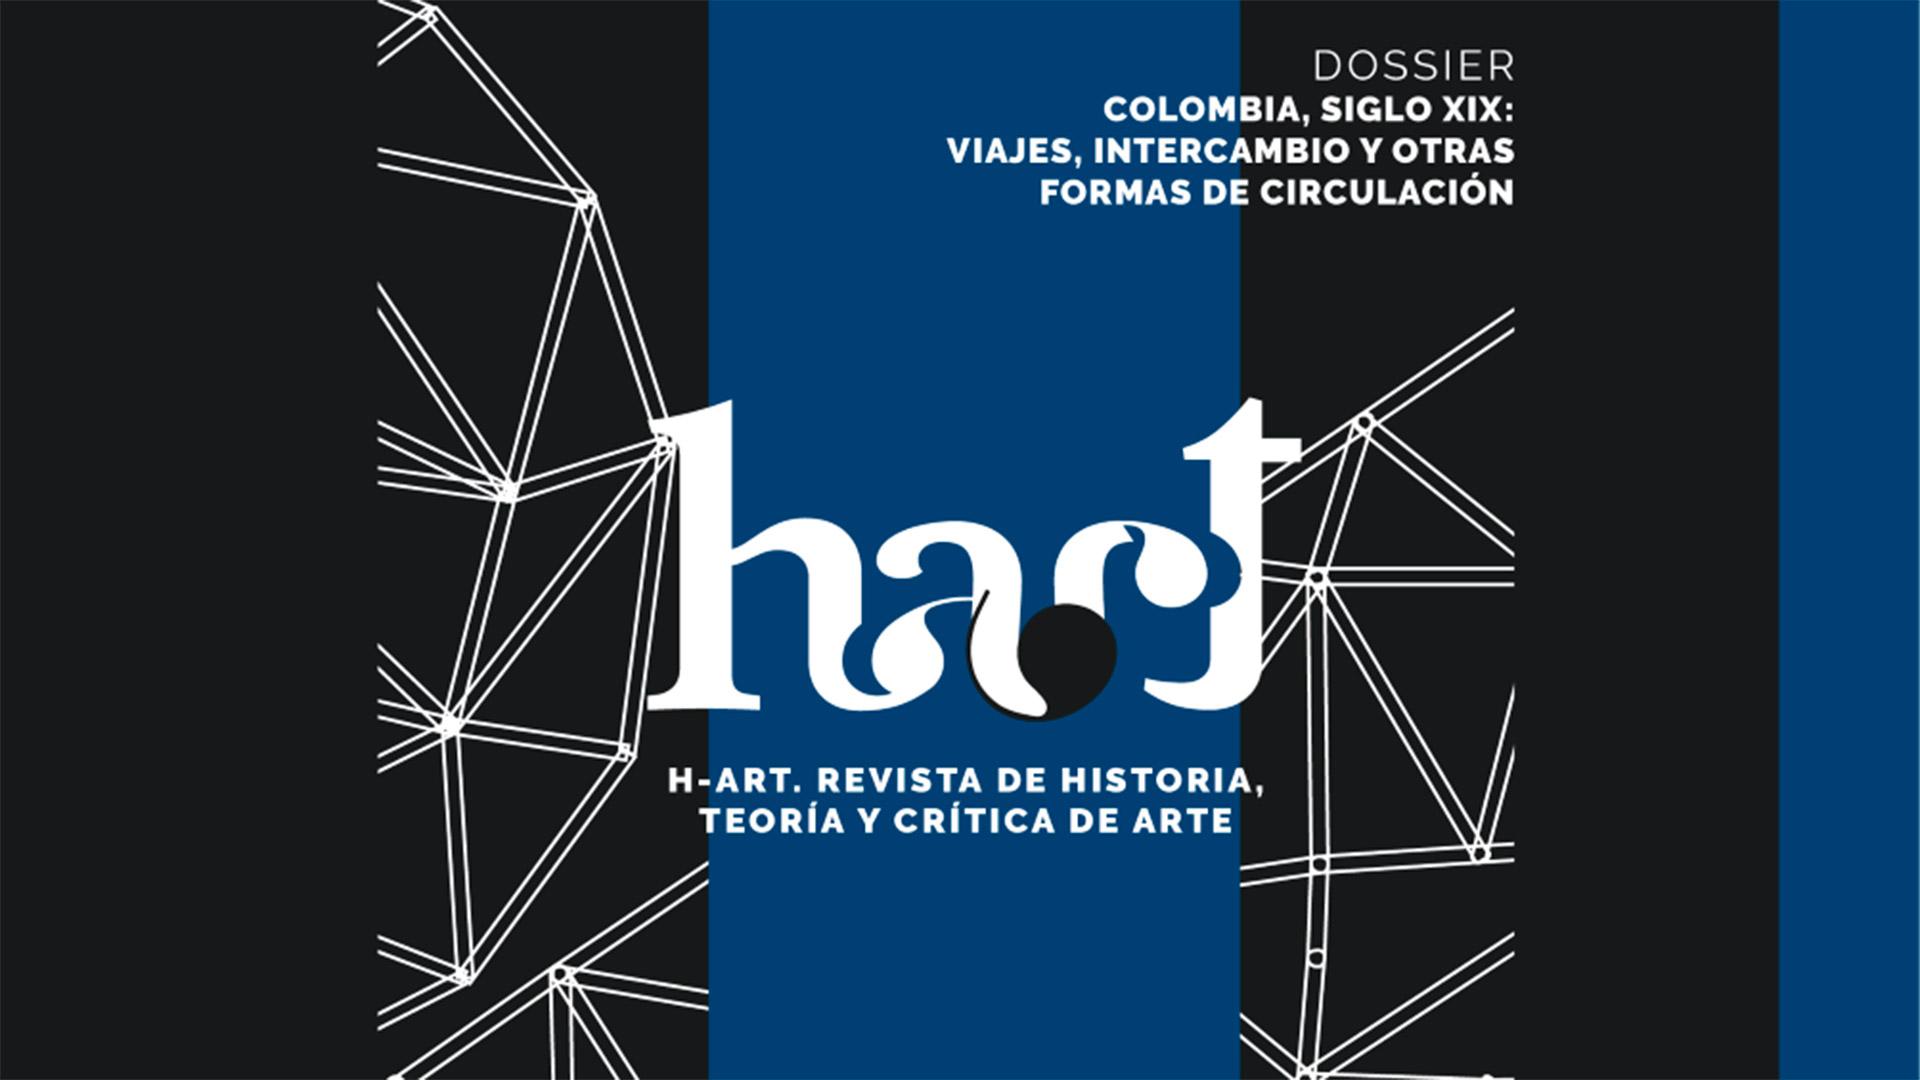 H-ART Revista de historia, teoría y crítica del arte lanza su número 7